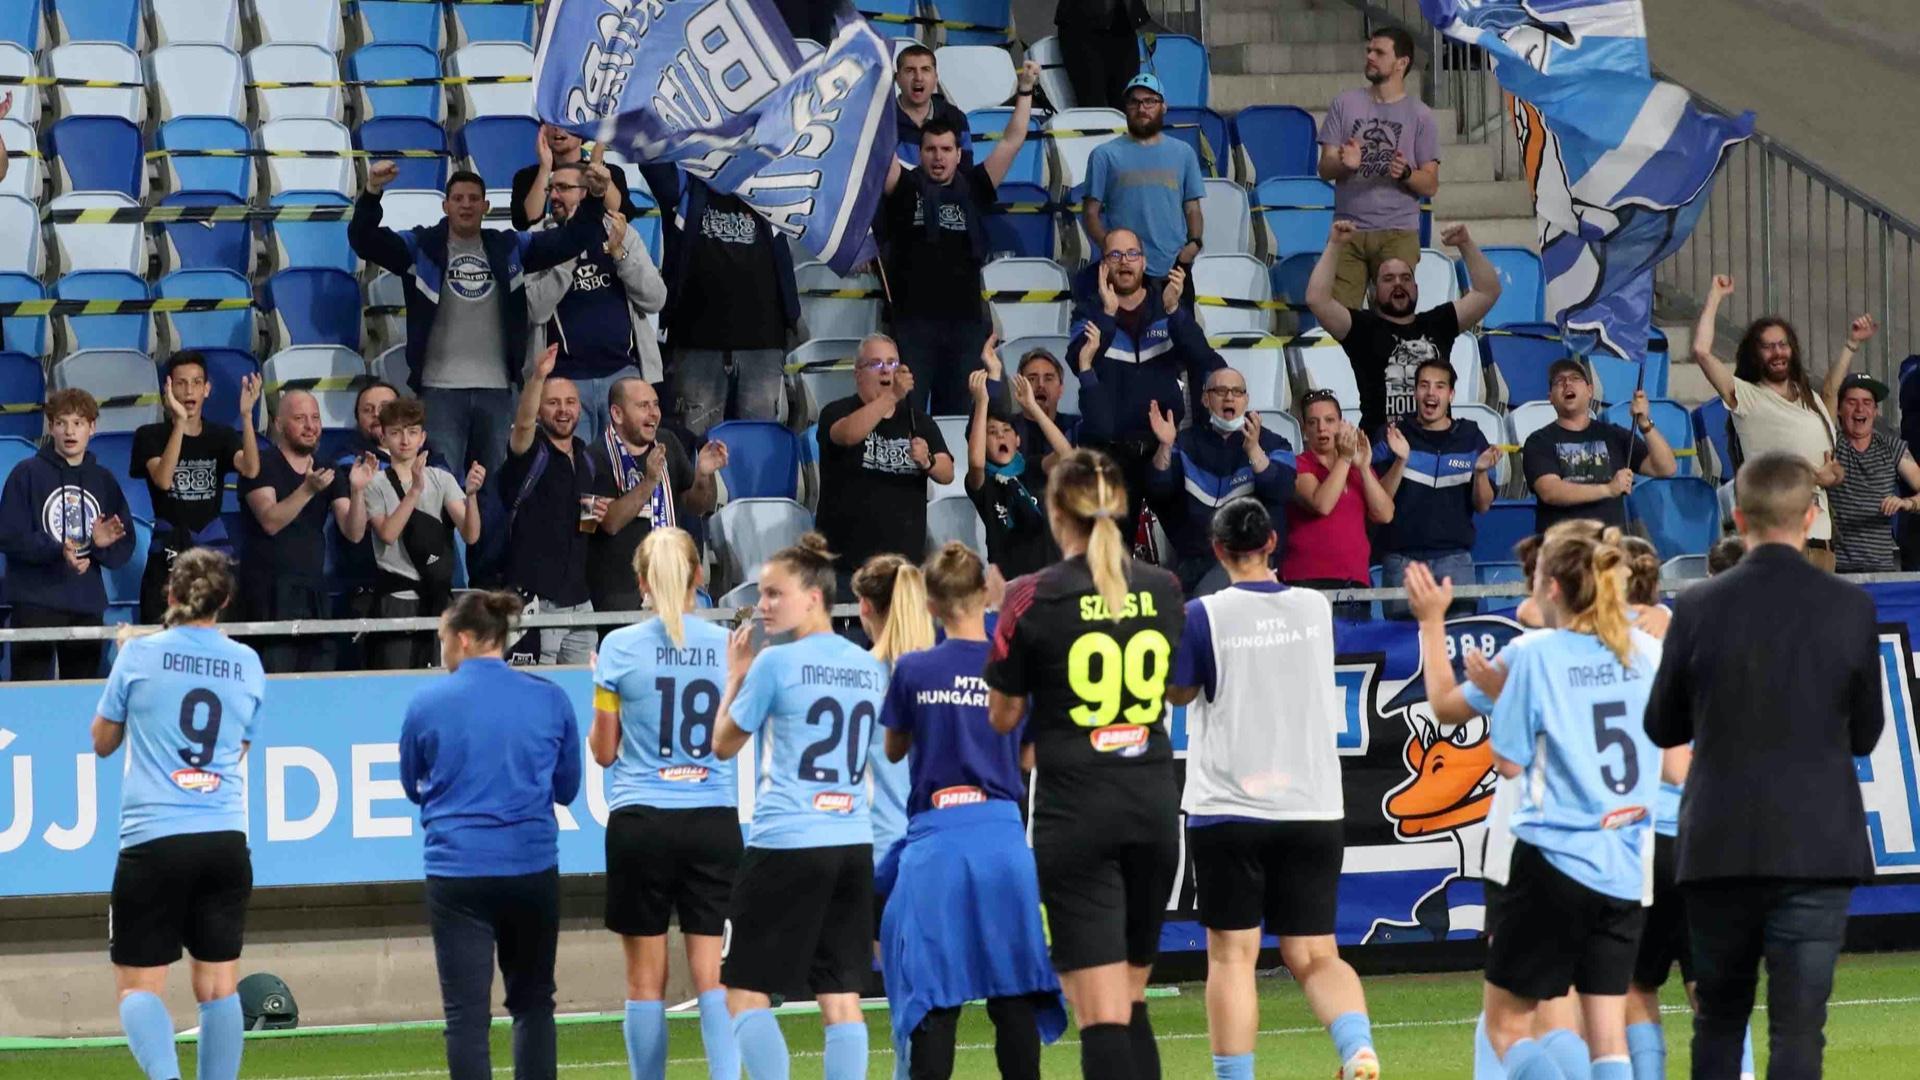 Összefoglaló: MTK Hungária FC - FTC-Telekom 2-1 (Videó)